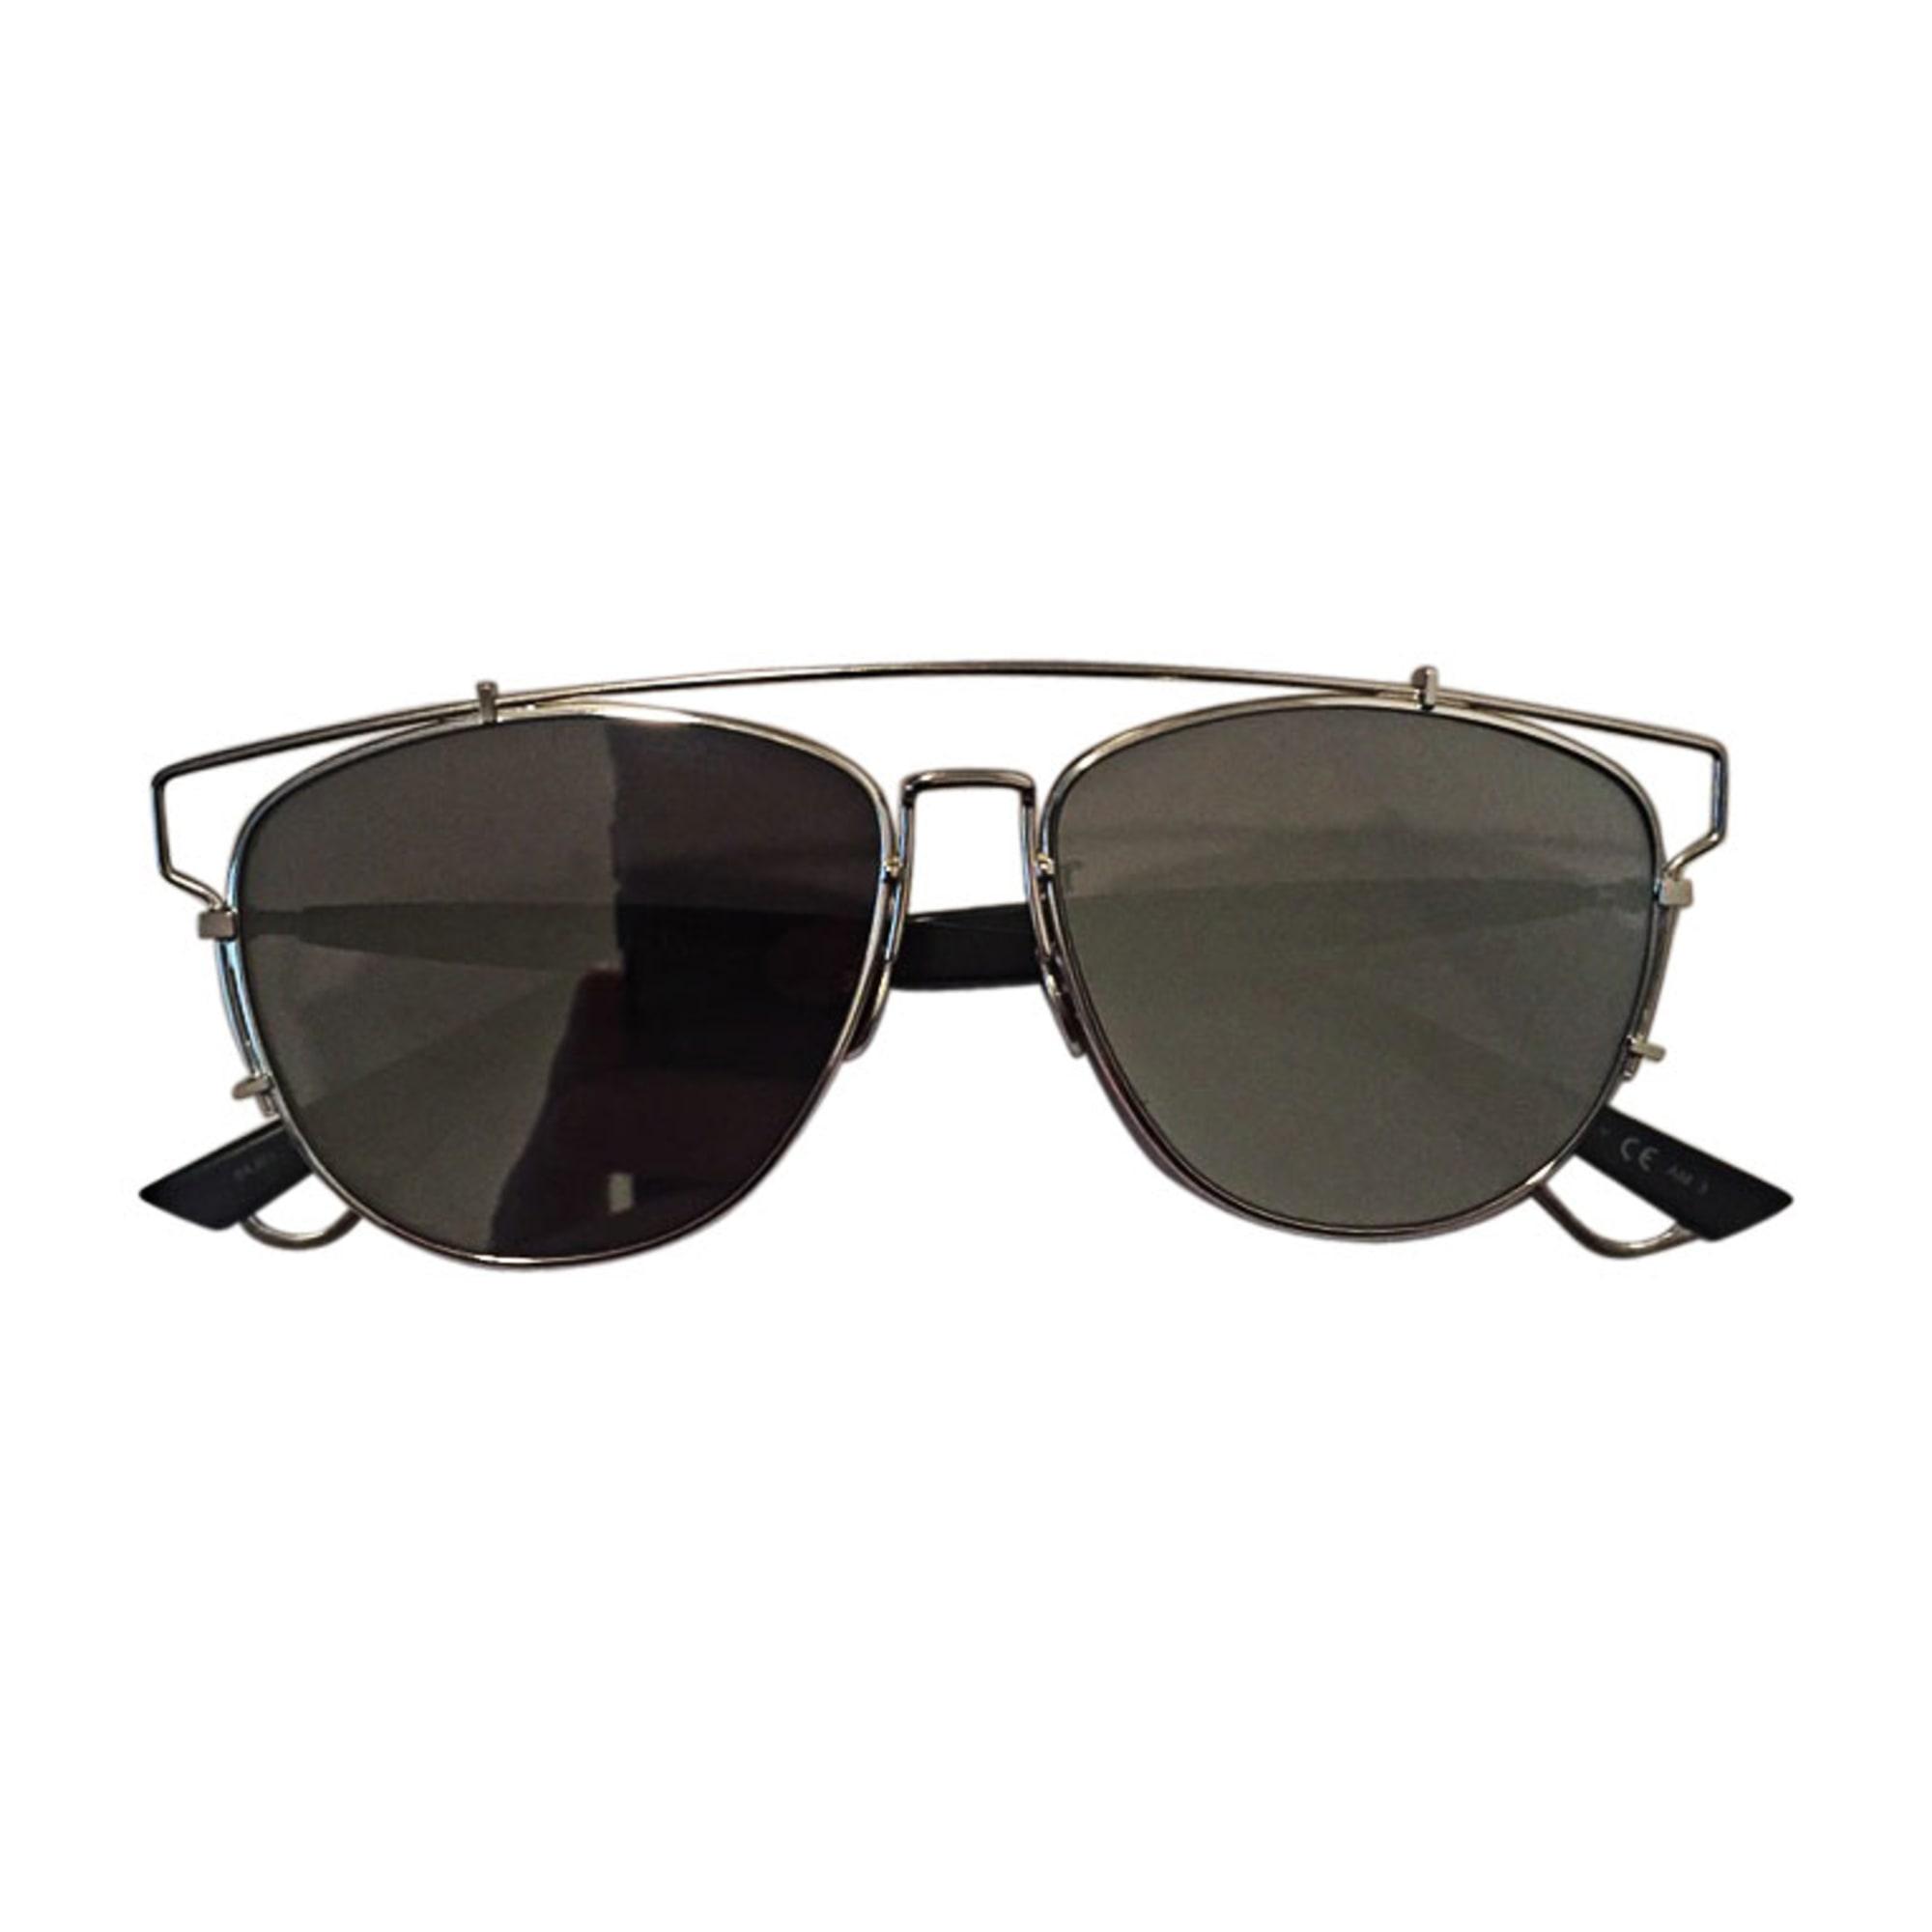 68e1f9c3d6dd6 Lunettes de soleil DIOR technologic argenté vendu par Amaury563120 ...